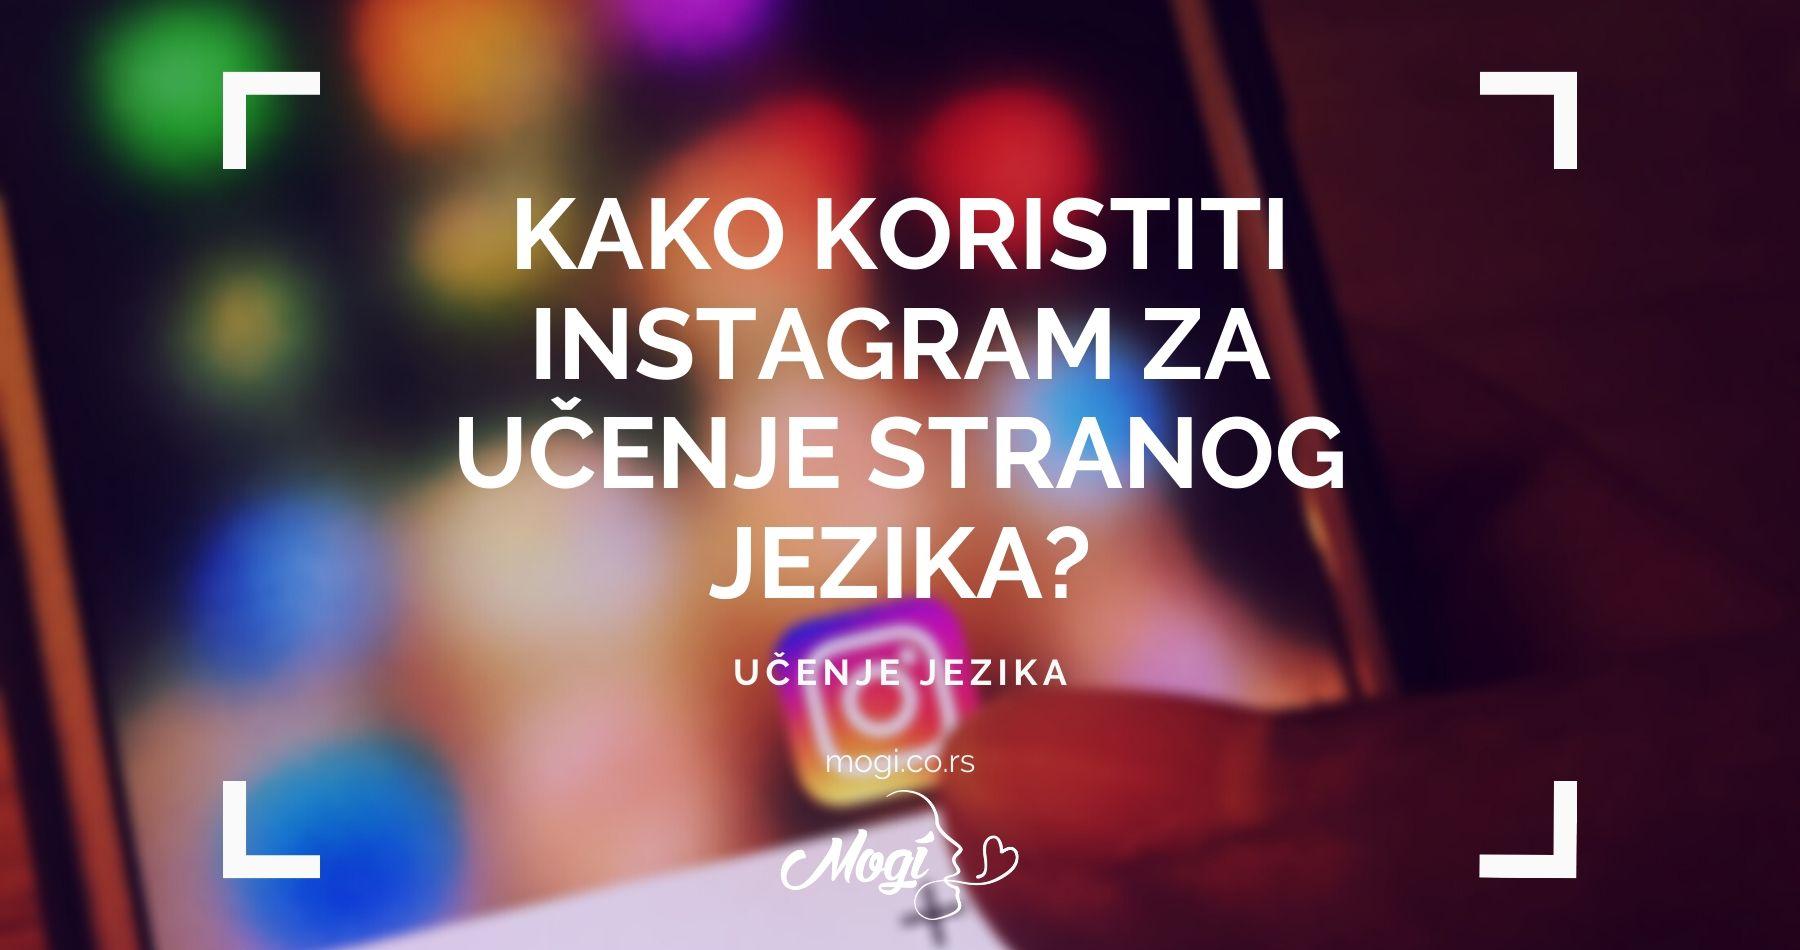 Kako koristiti Instagram za učenje stranog jezika